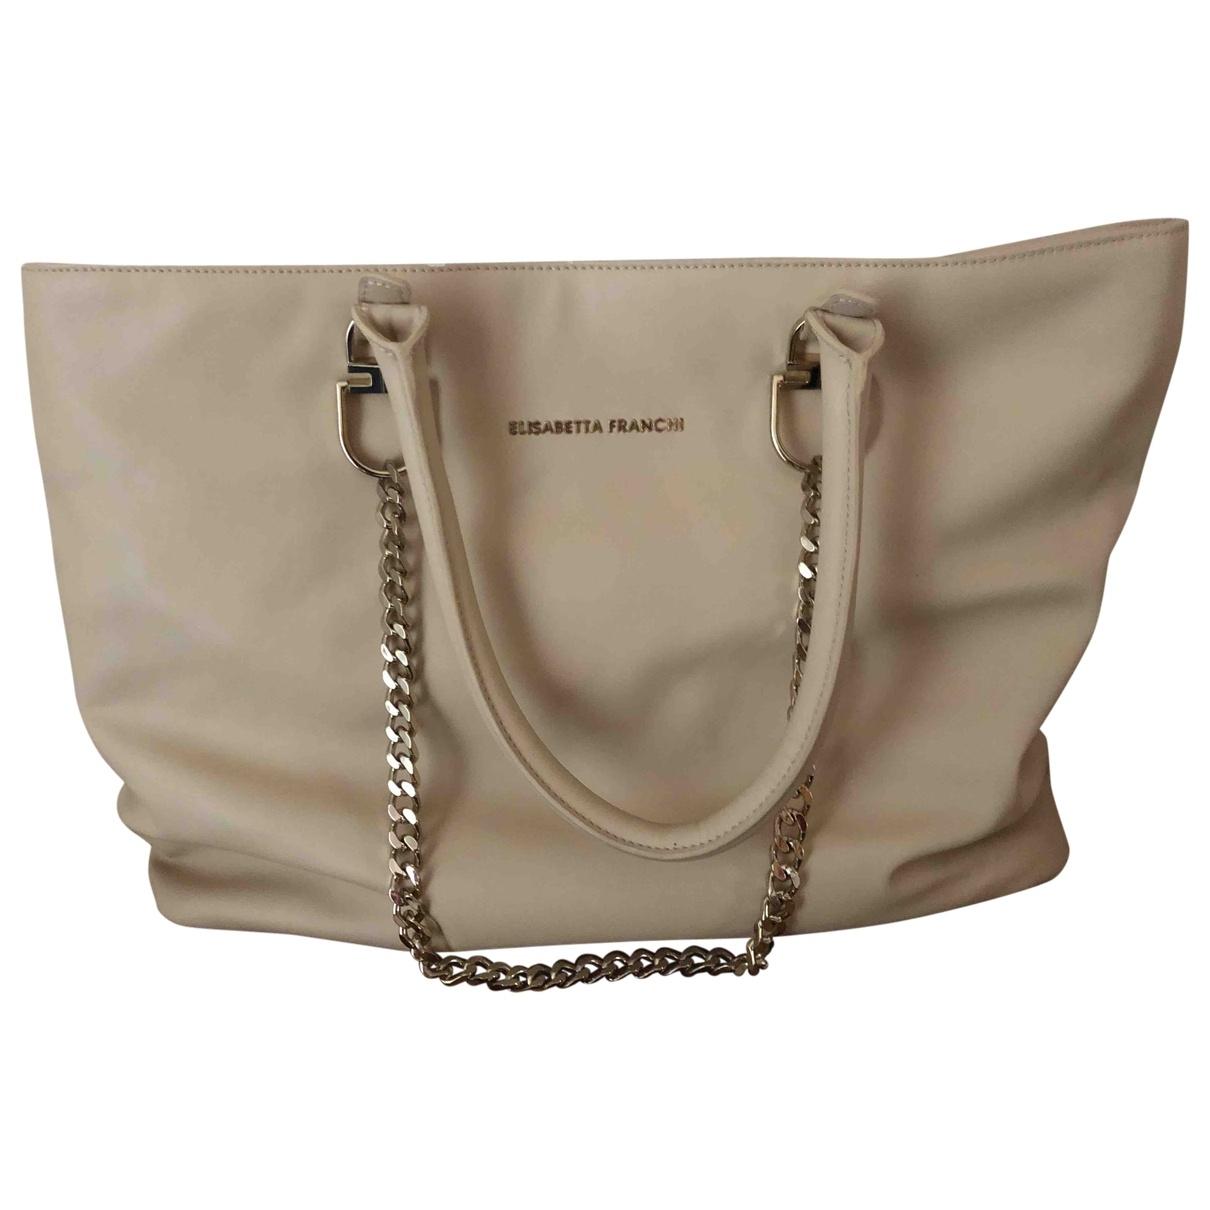 Elisabetta Franchi \N Camel Travel bag for Women \N